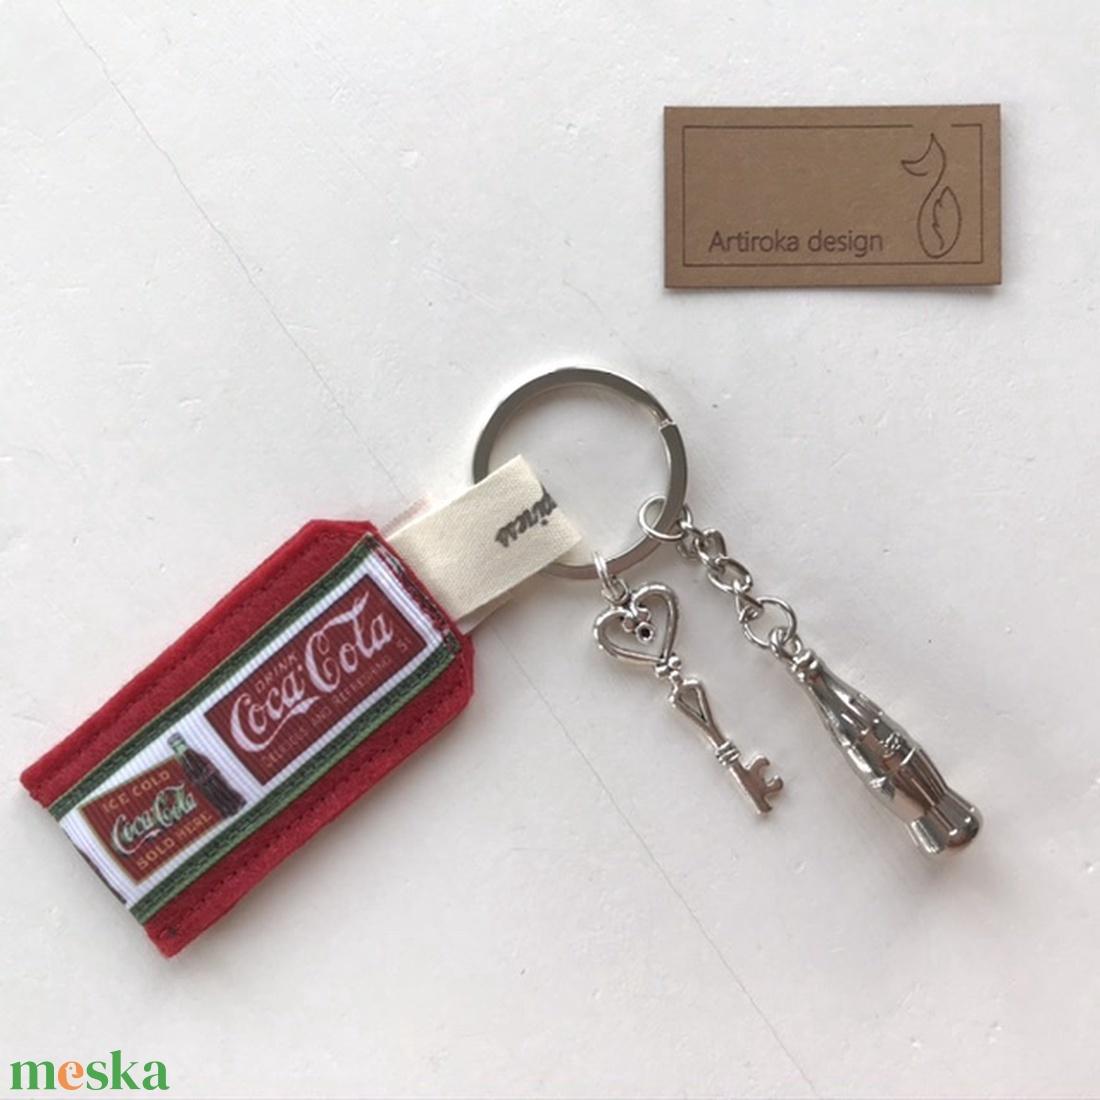 Coca -Cola mintás kulcstartó egy kis vintage kulccsal és Coca Colás üveggel- Artiroka design - Meska.hu